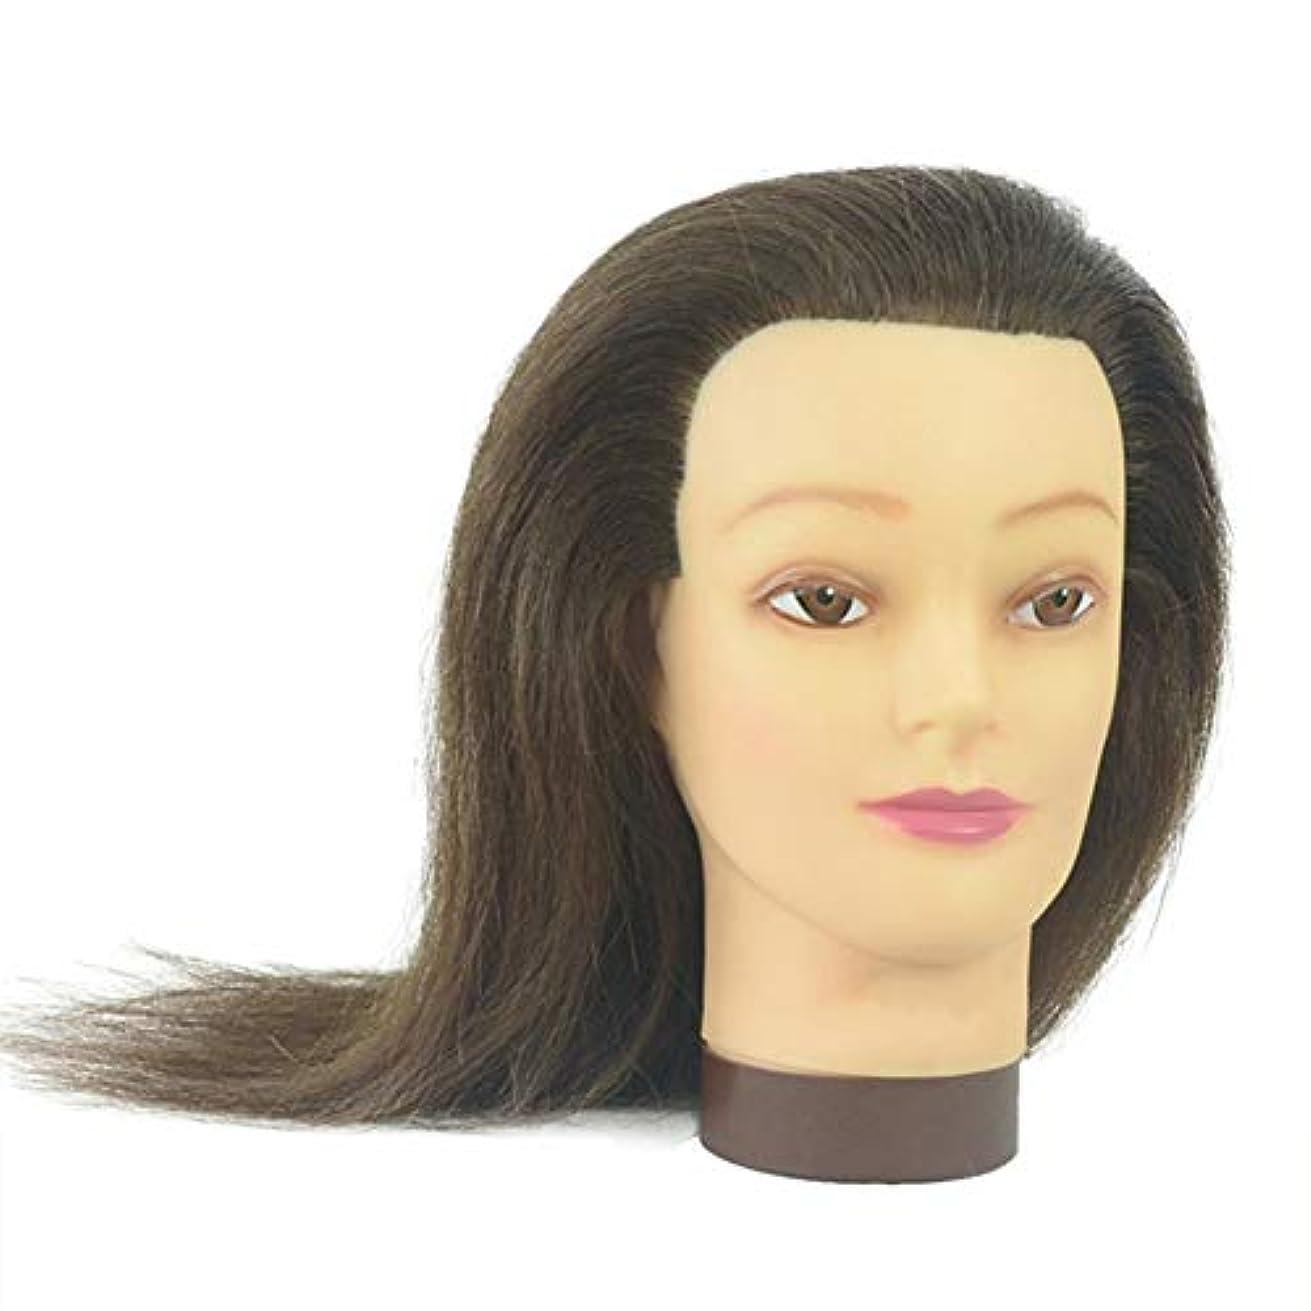 熟すラップチーフブライダル化粧スタイリング練習ダミーヘッドホットロールブローウィッグヘッドモールドサロントリミング学習モデルヘッド